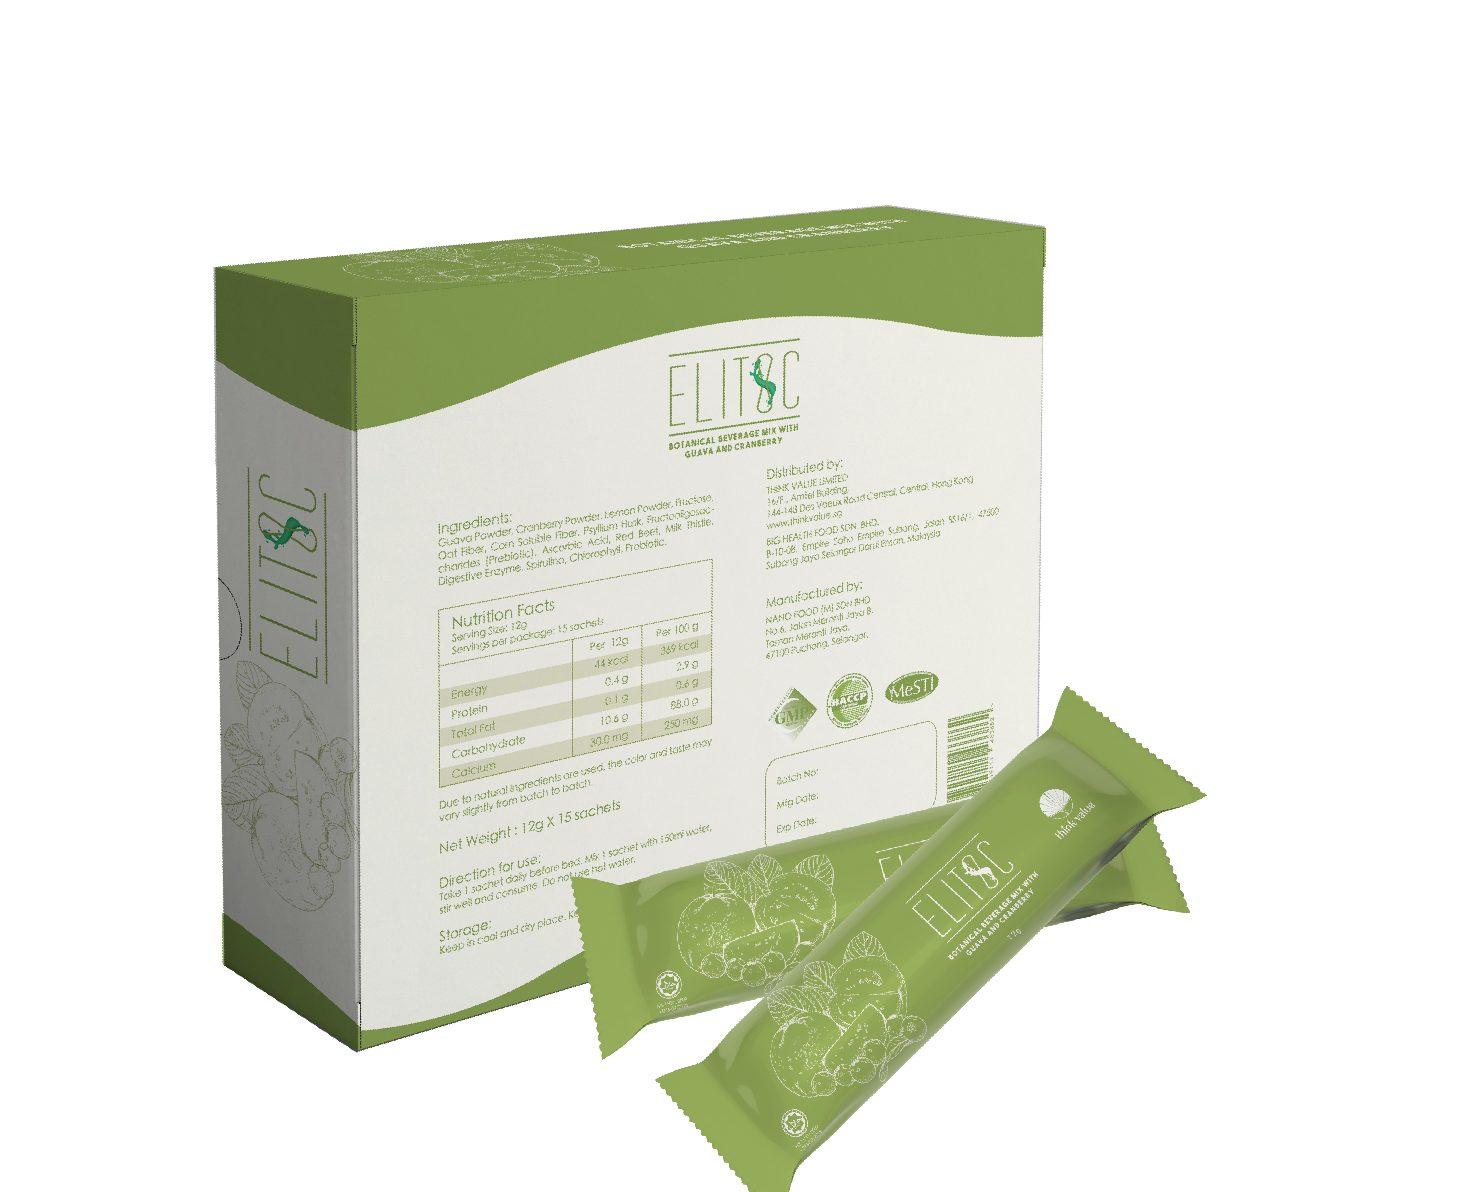 Elitoc probiotic fiber